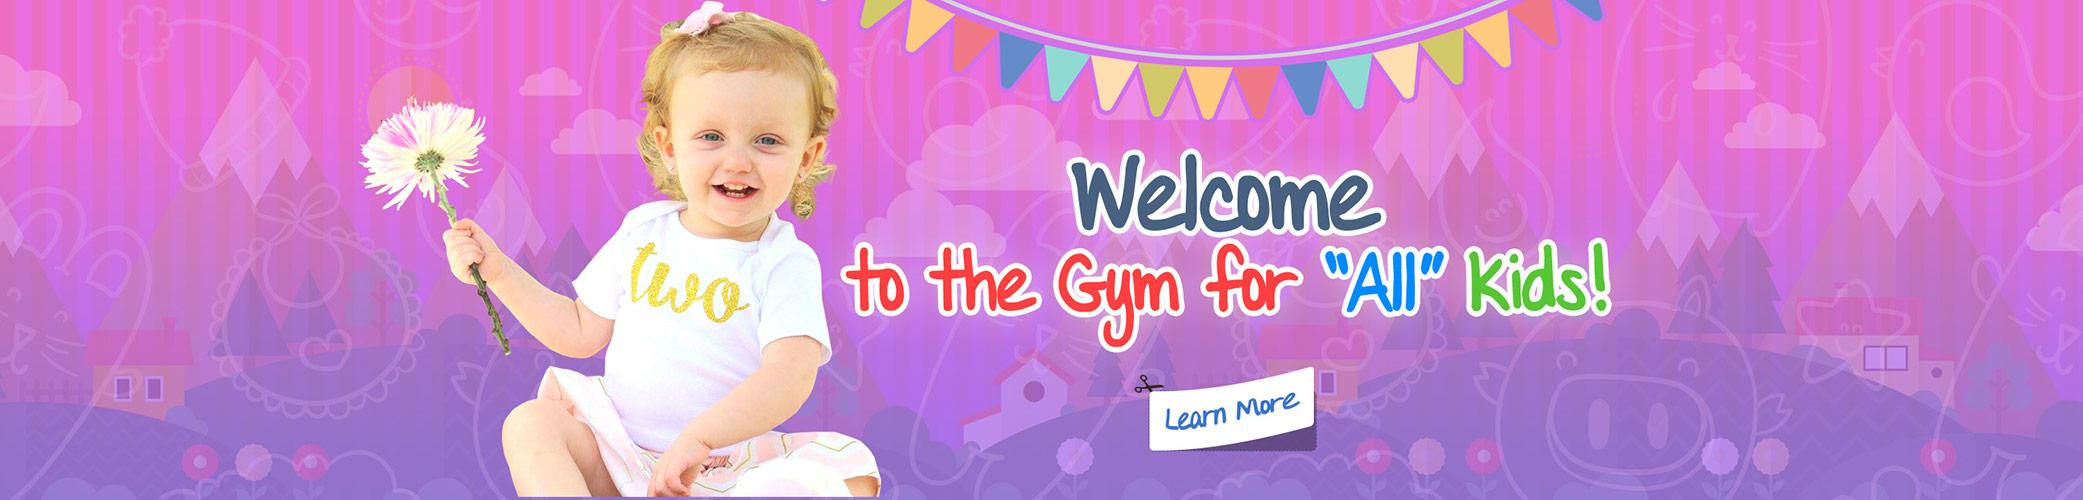 Kids Gym Indoor Playground